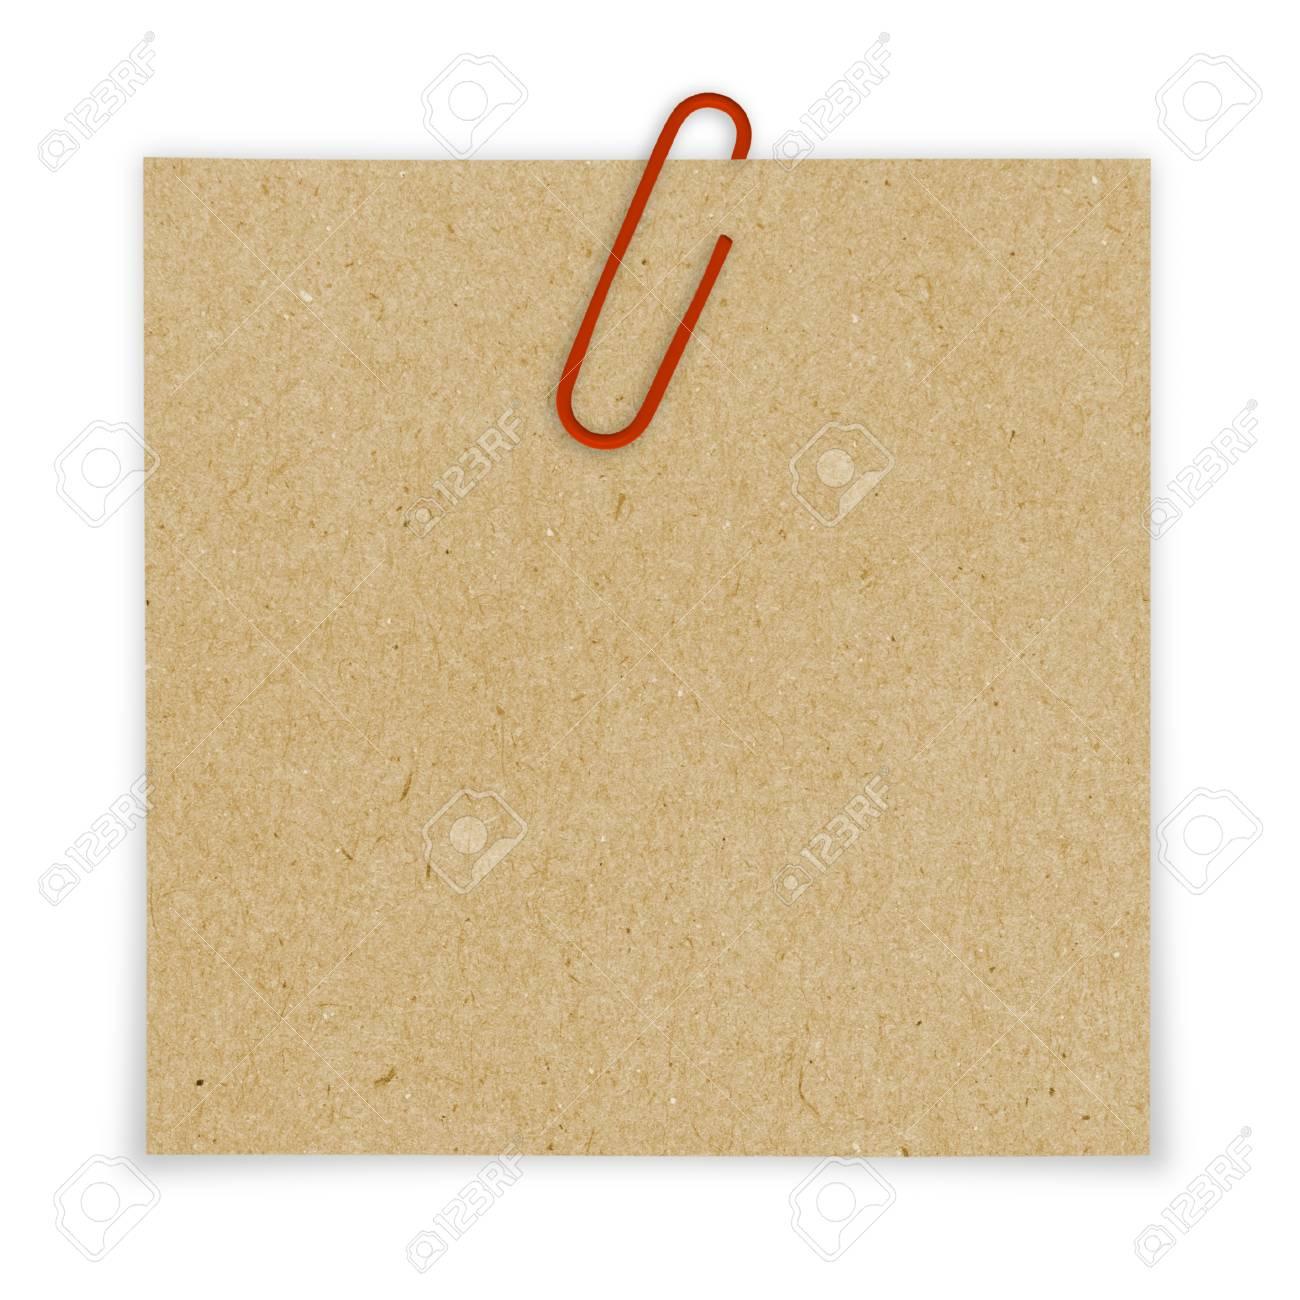 Helles Braunes Papier Leer Mit Roten Buroklammer Auf Weissem